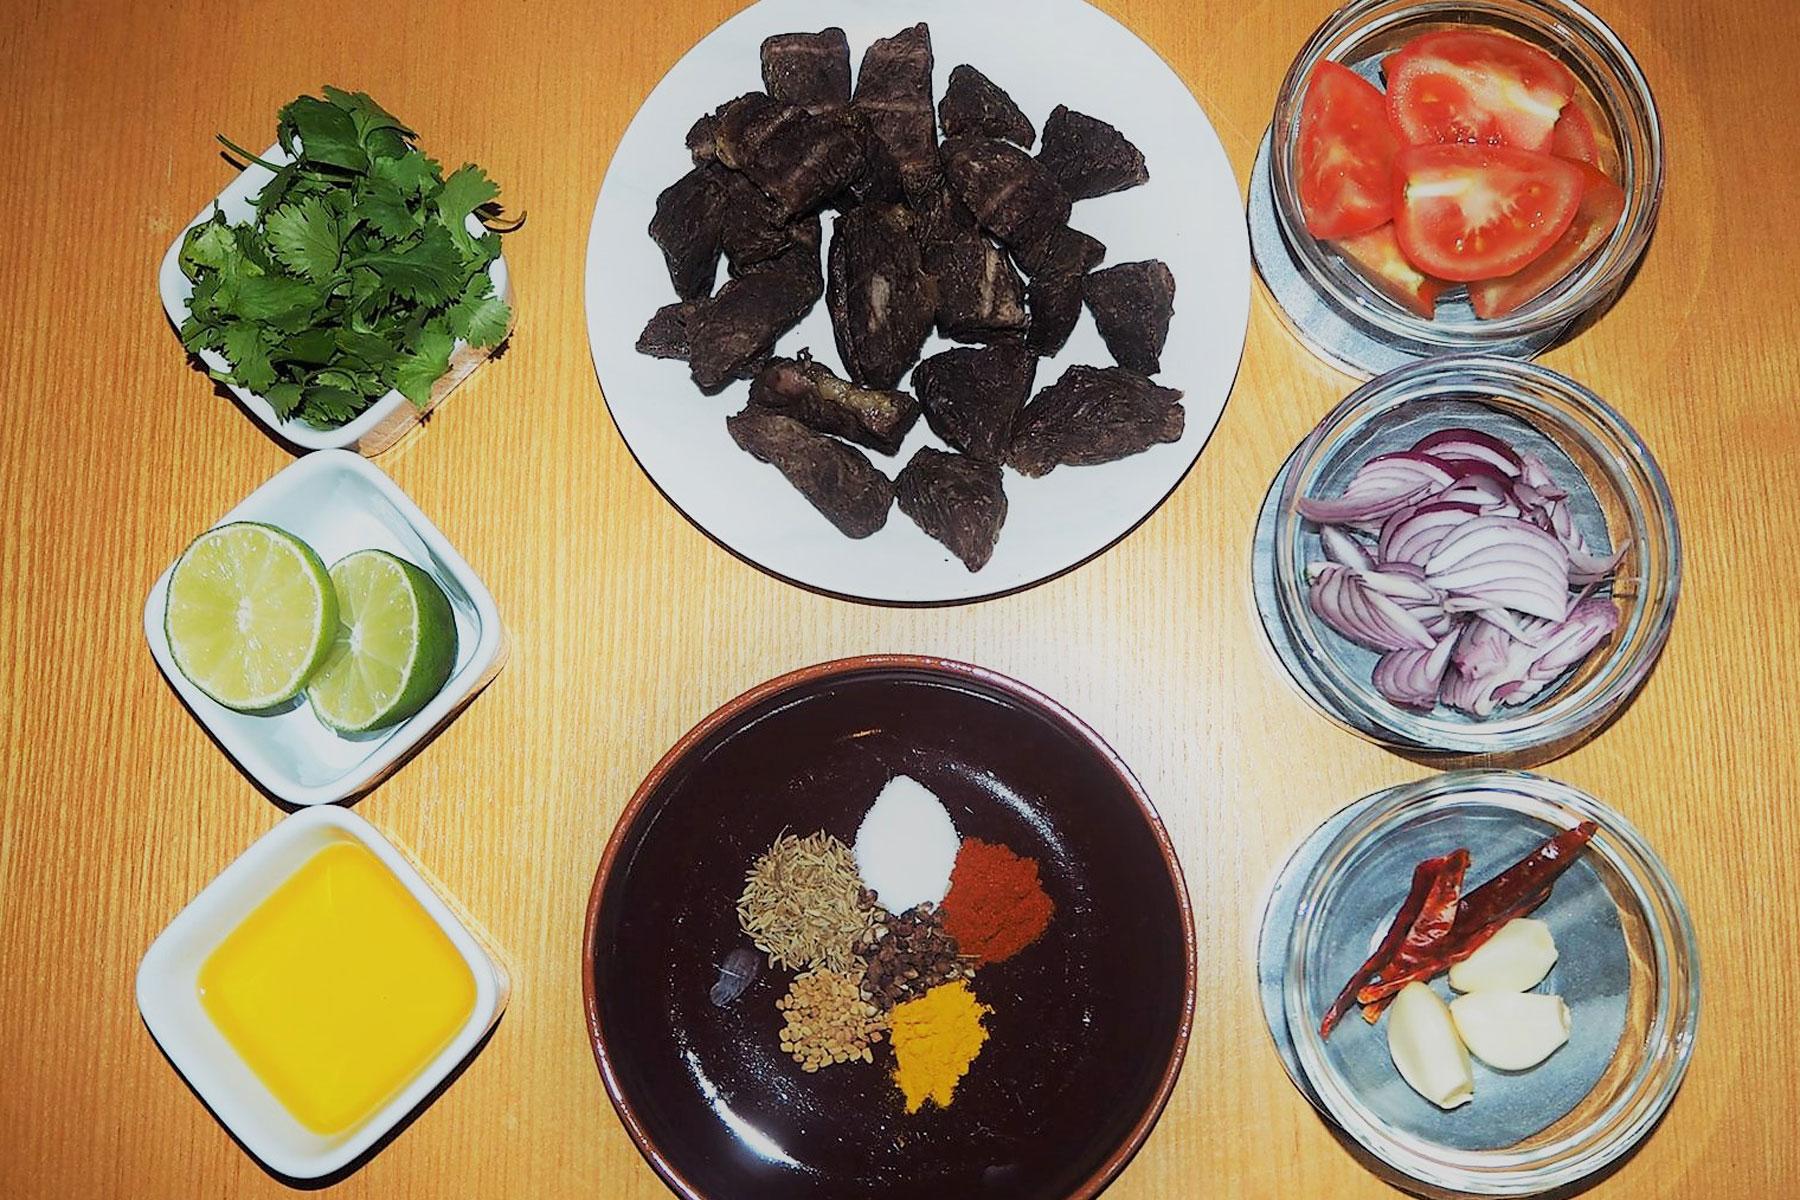 Rochani choyla ingrediants